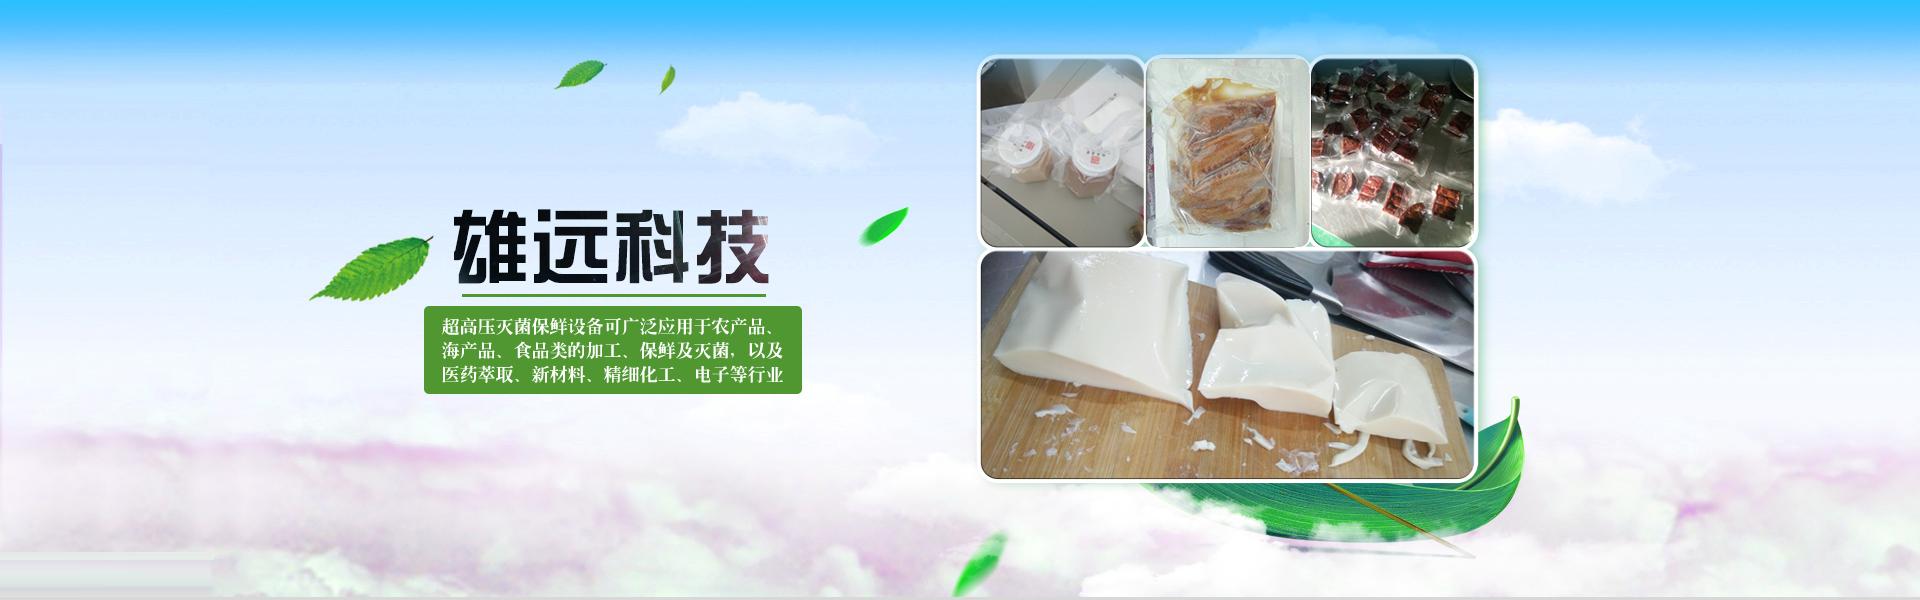 超高压食品灭菌设备